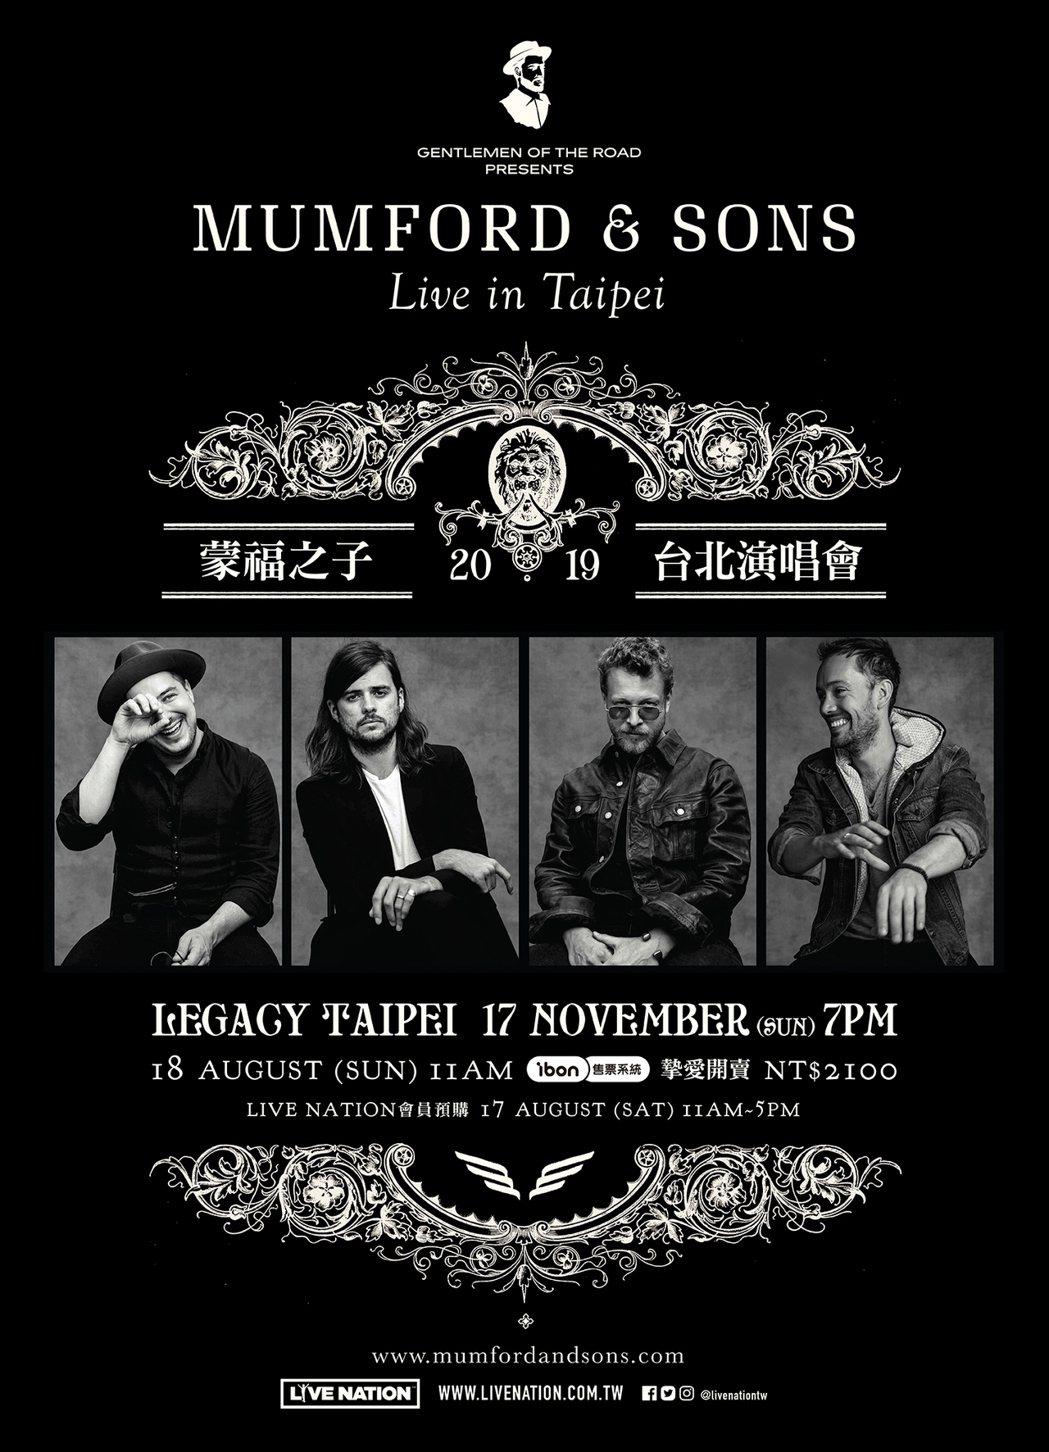 蒙福之子11月來台開唱。圖/Live Nation提供